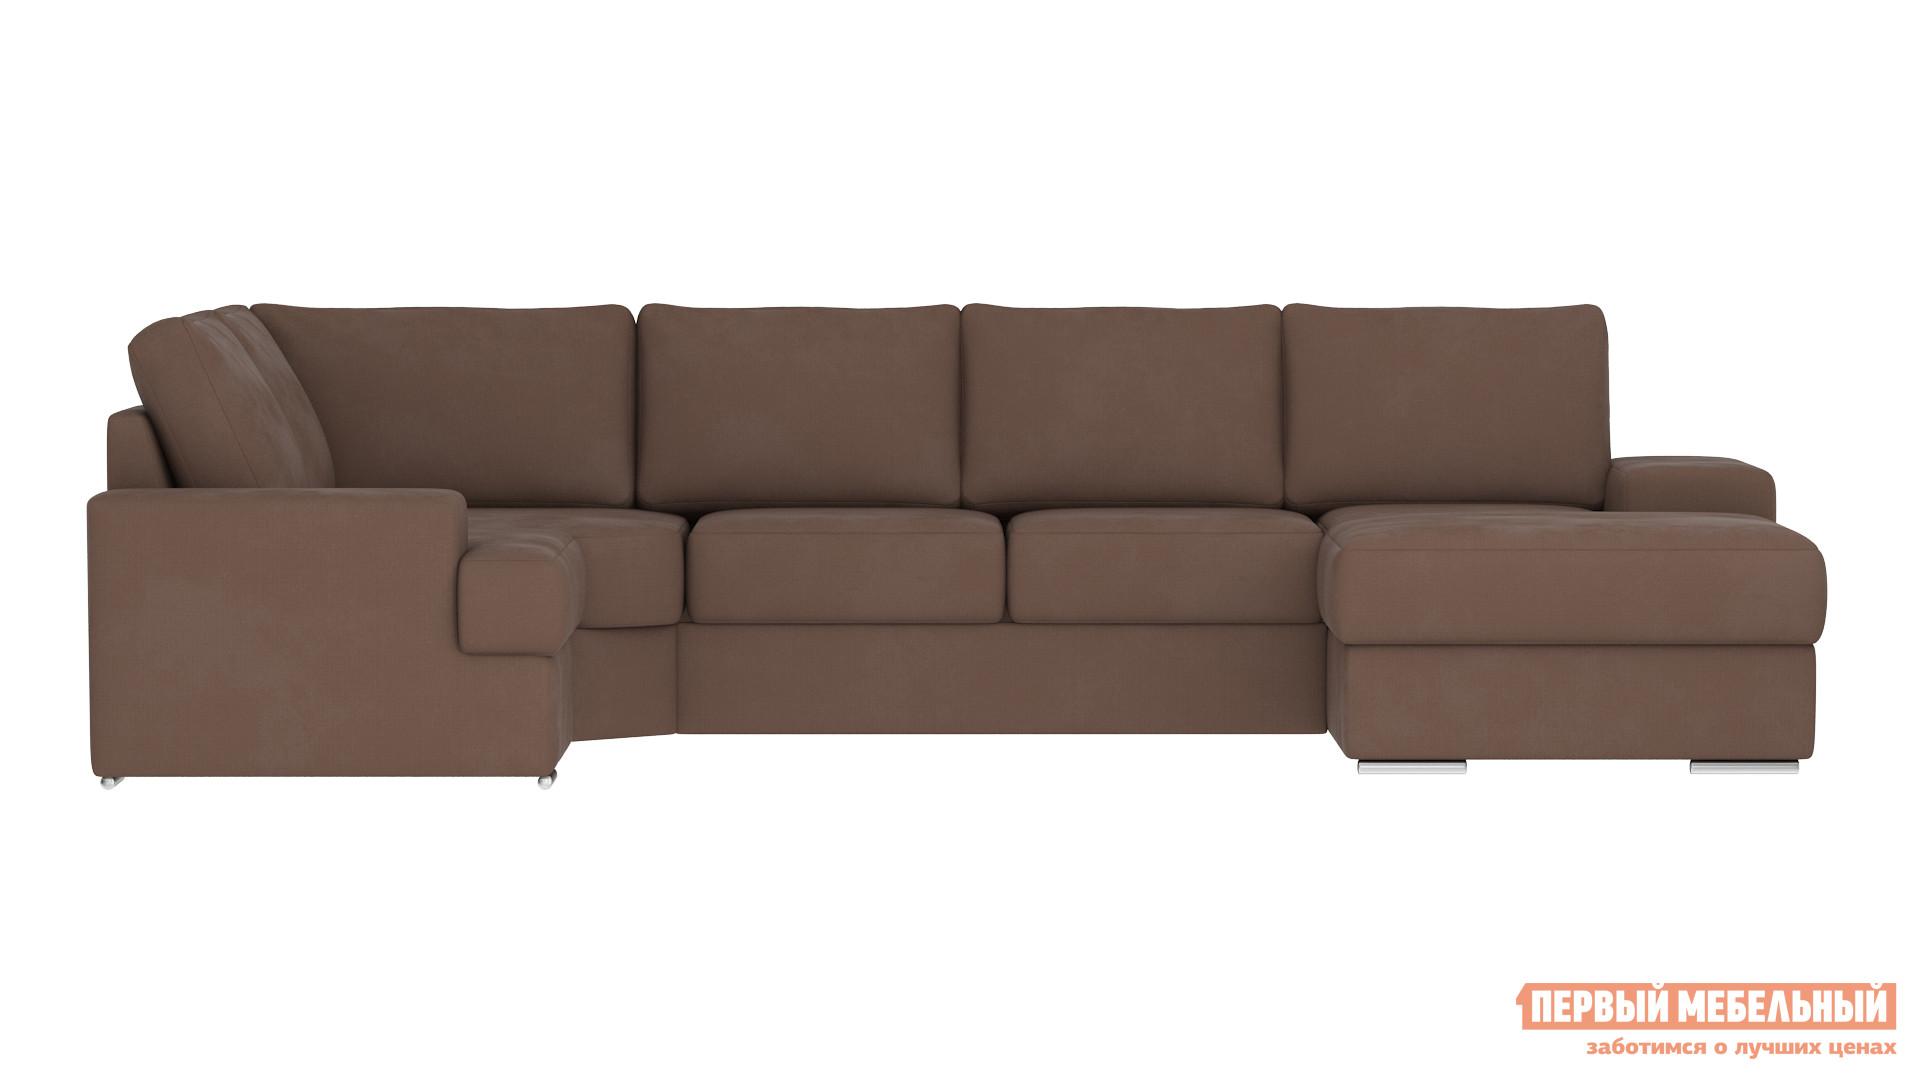 Диван Первый Мебельный Диван Тетрис Вип П-образный угол без механизма угловой п образный диван aria